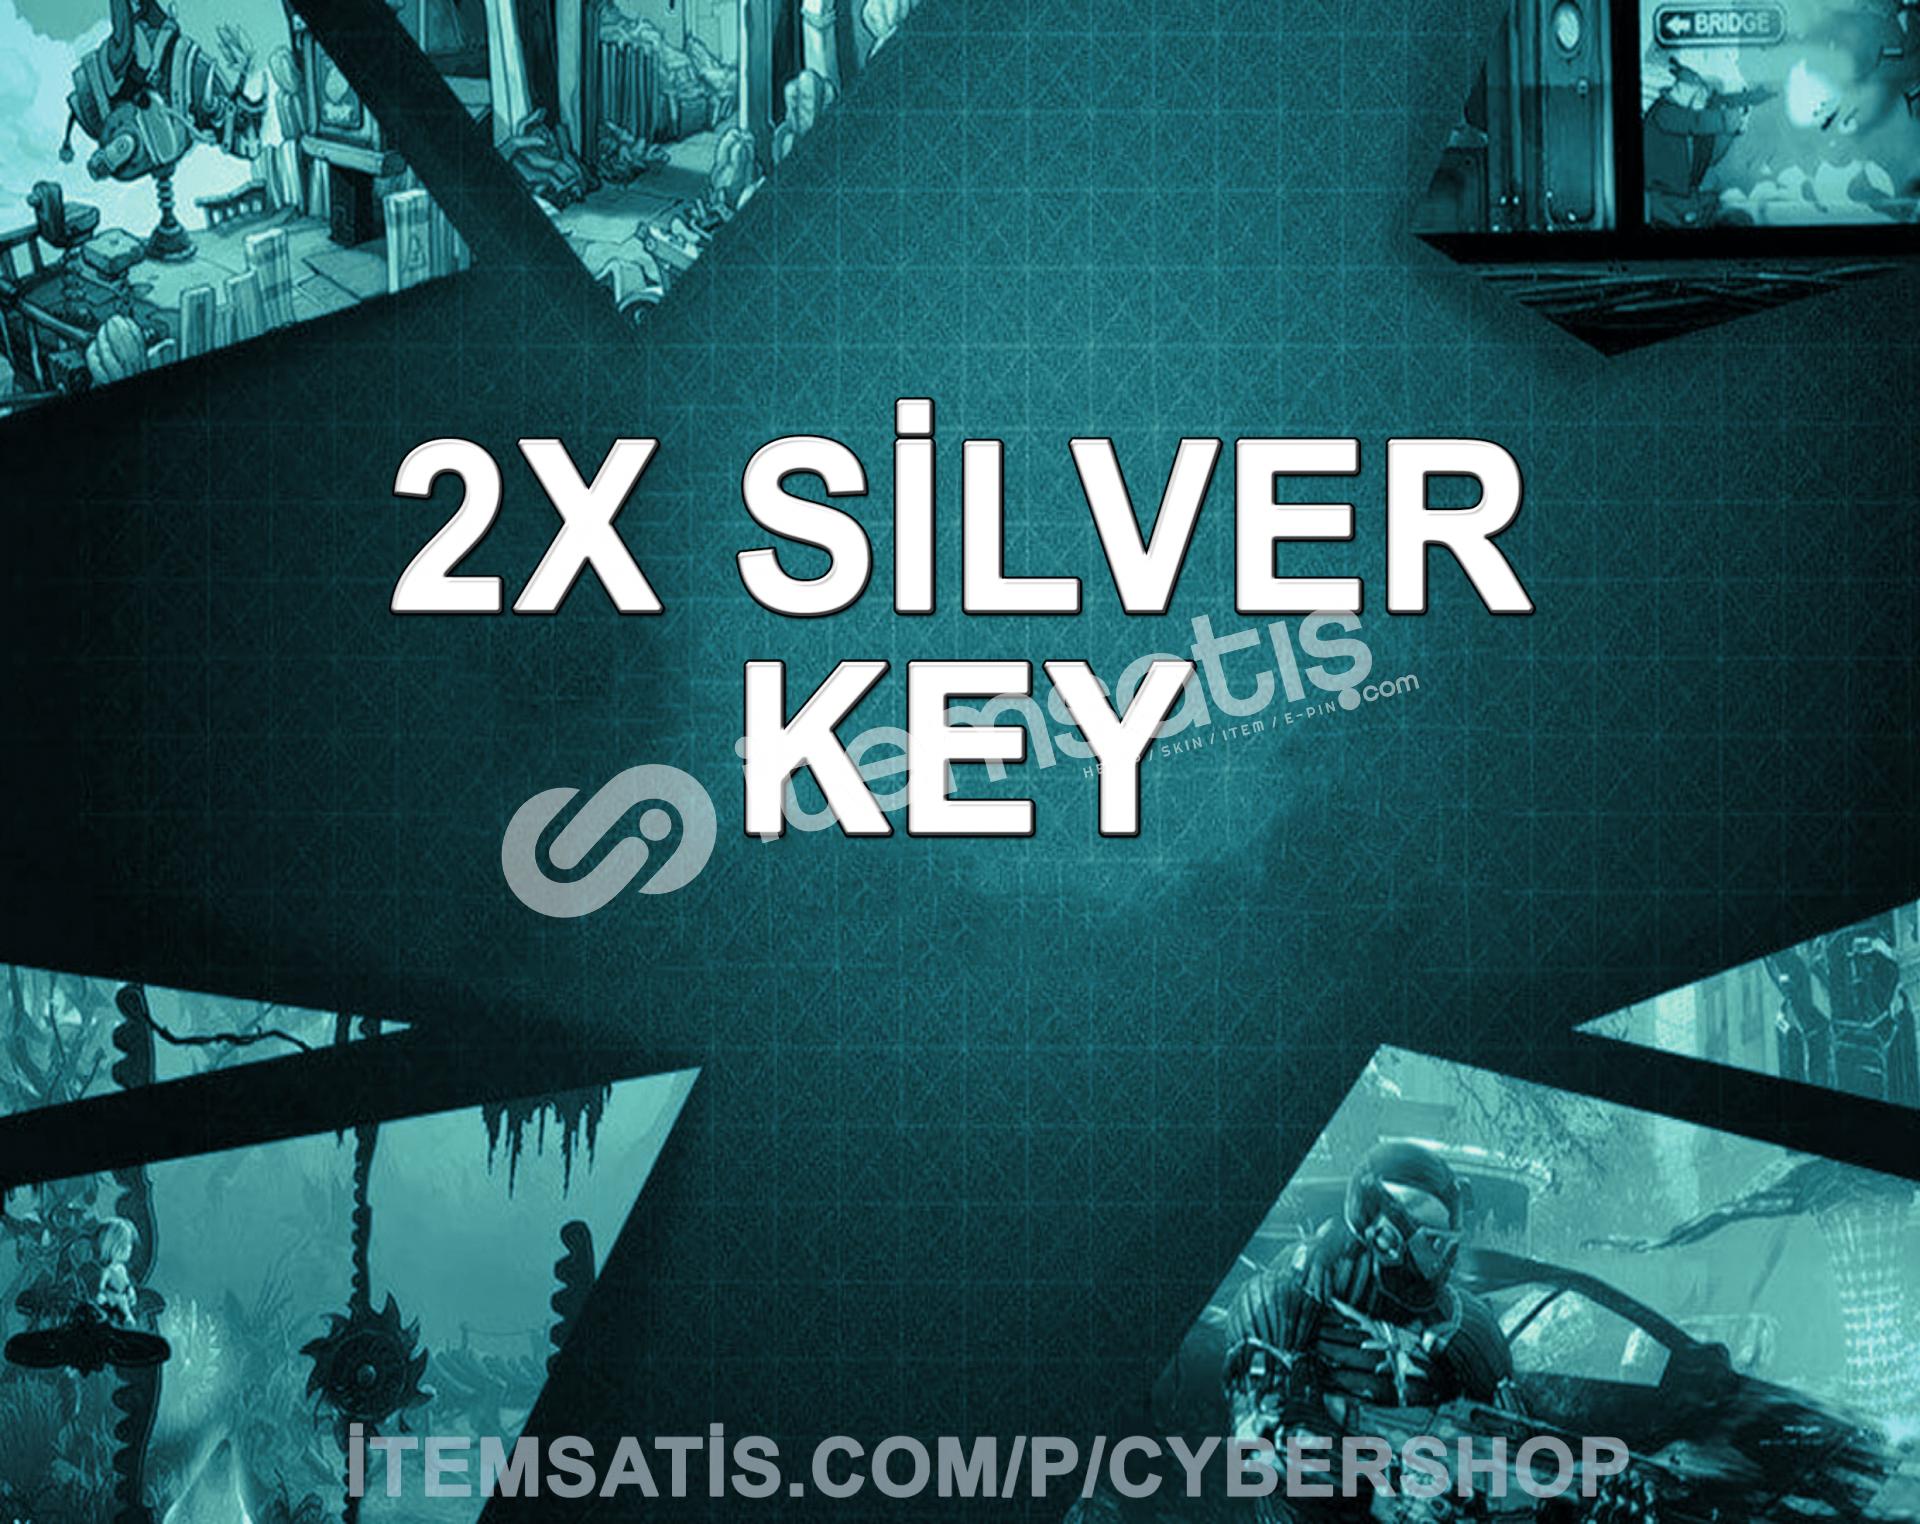 Steam (2x) Silver Key (Min: 2-200 TL)